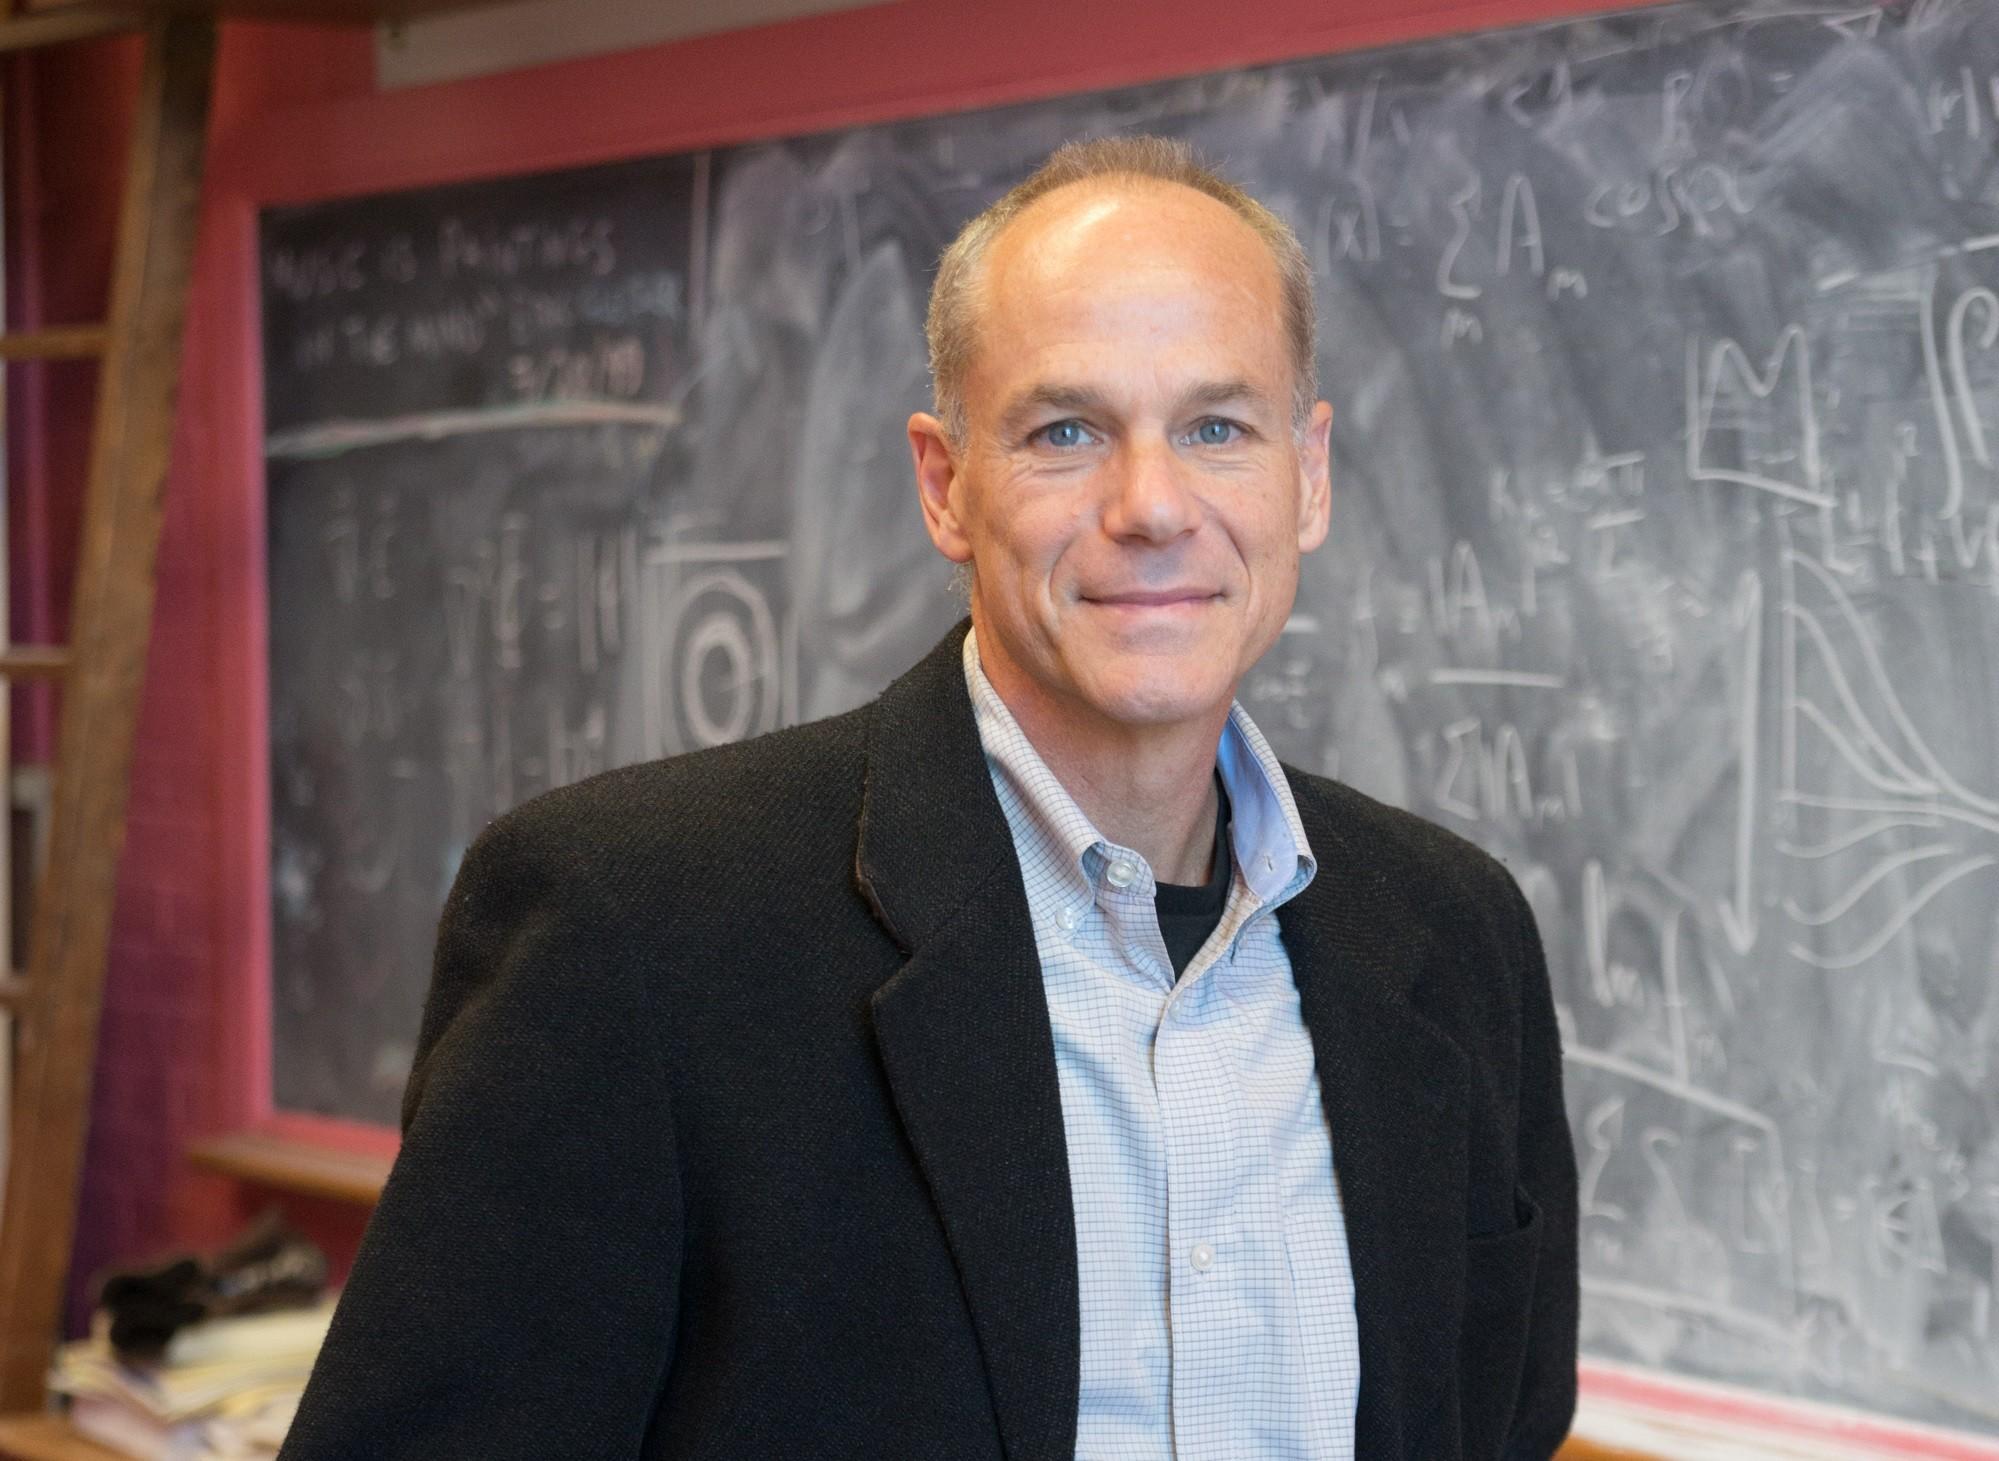 Marcelo Gleiser é professor de física e astronomia na Dartmouth College, nos Estados Unidos. (Foto: Reprodução)